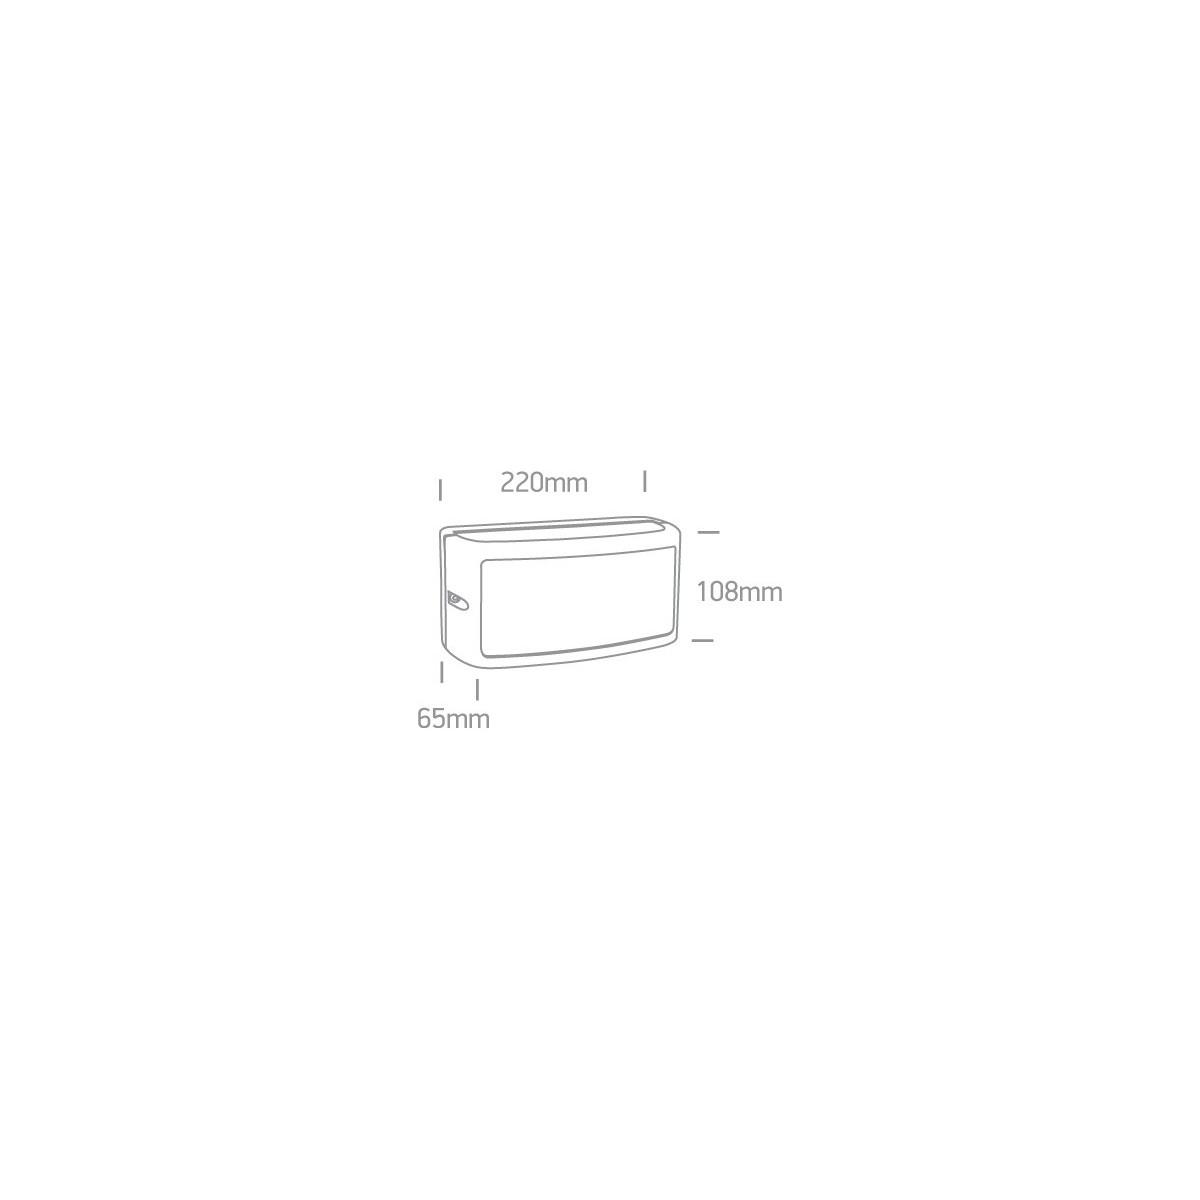 One Light kinkiet ścienny LED zewnętrzny dom elewacja mieszkanie Strefi 67474A/AN/W IP54